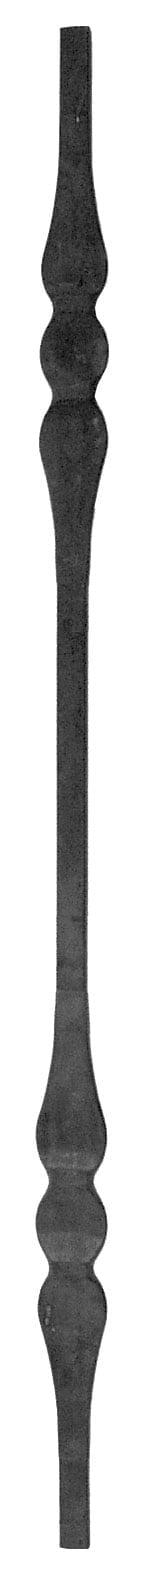 Μοτίφ διπλό με στρίψιμο από τετράγωνο μασίφ σίδερο .